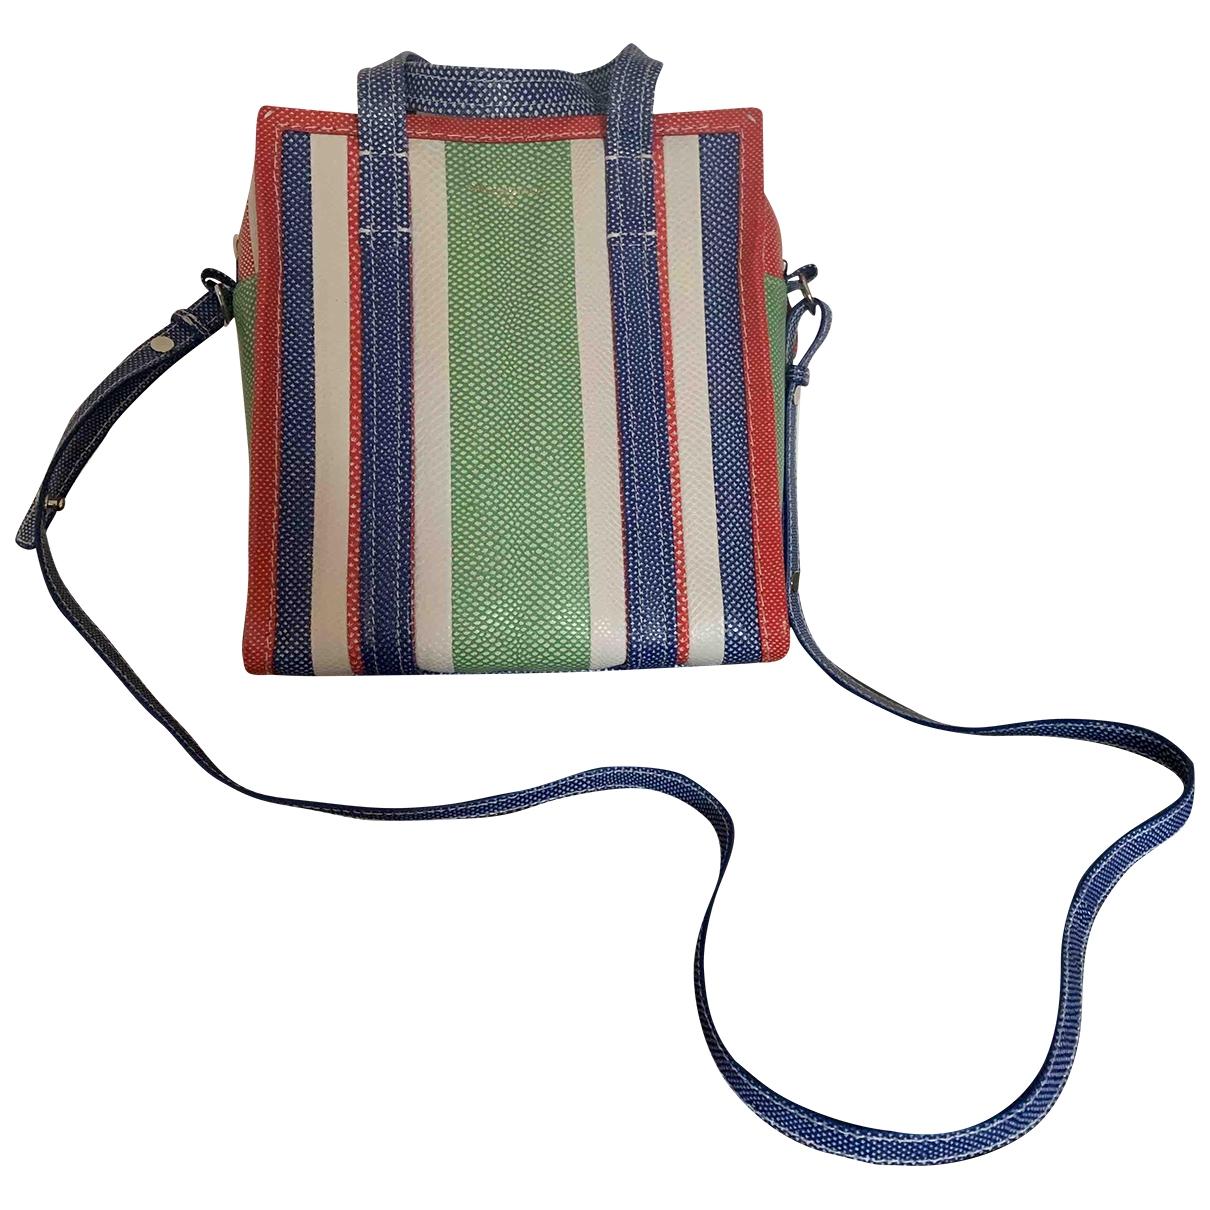 Balenciaga - Sac a main Bazar Bag pour femme en cuir - multicolore